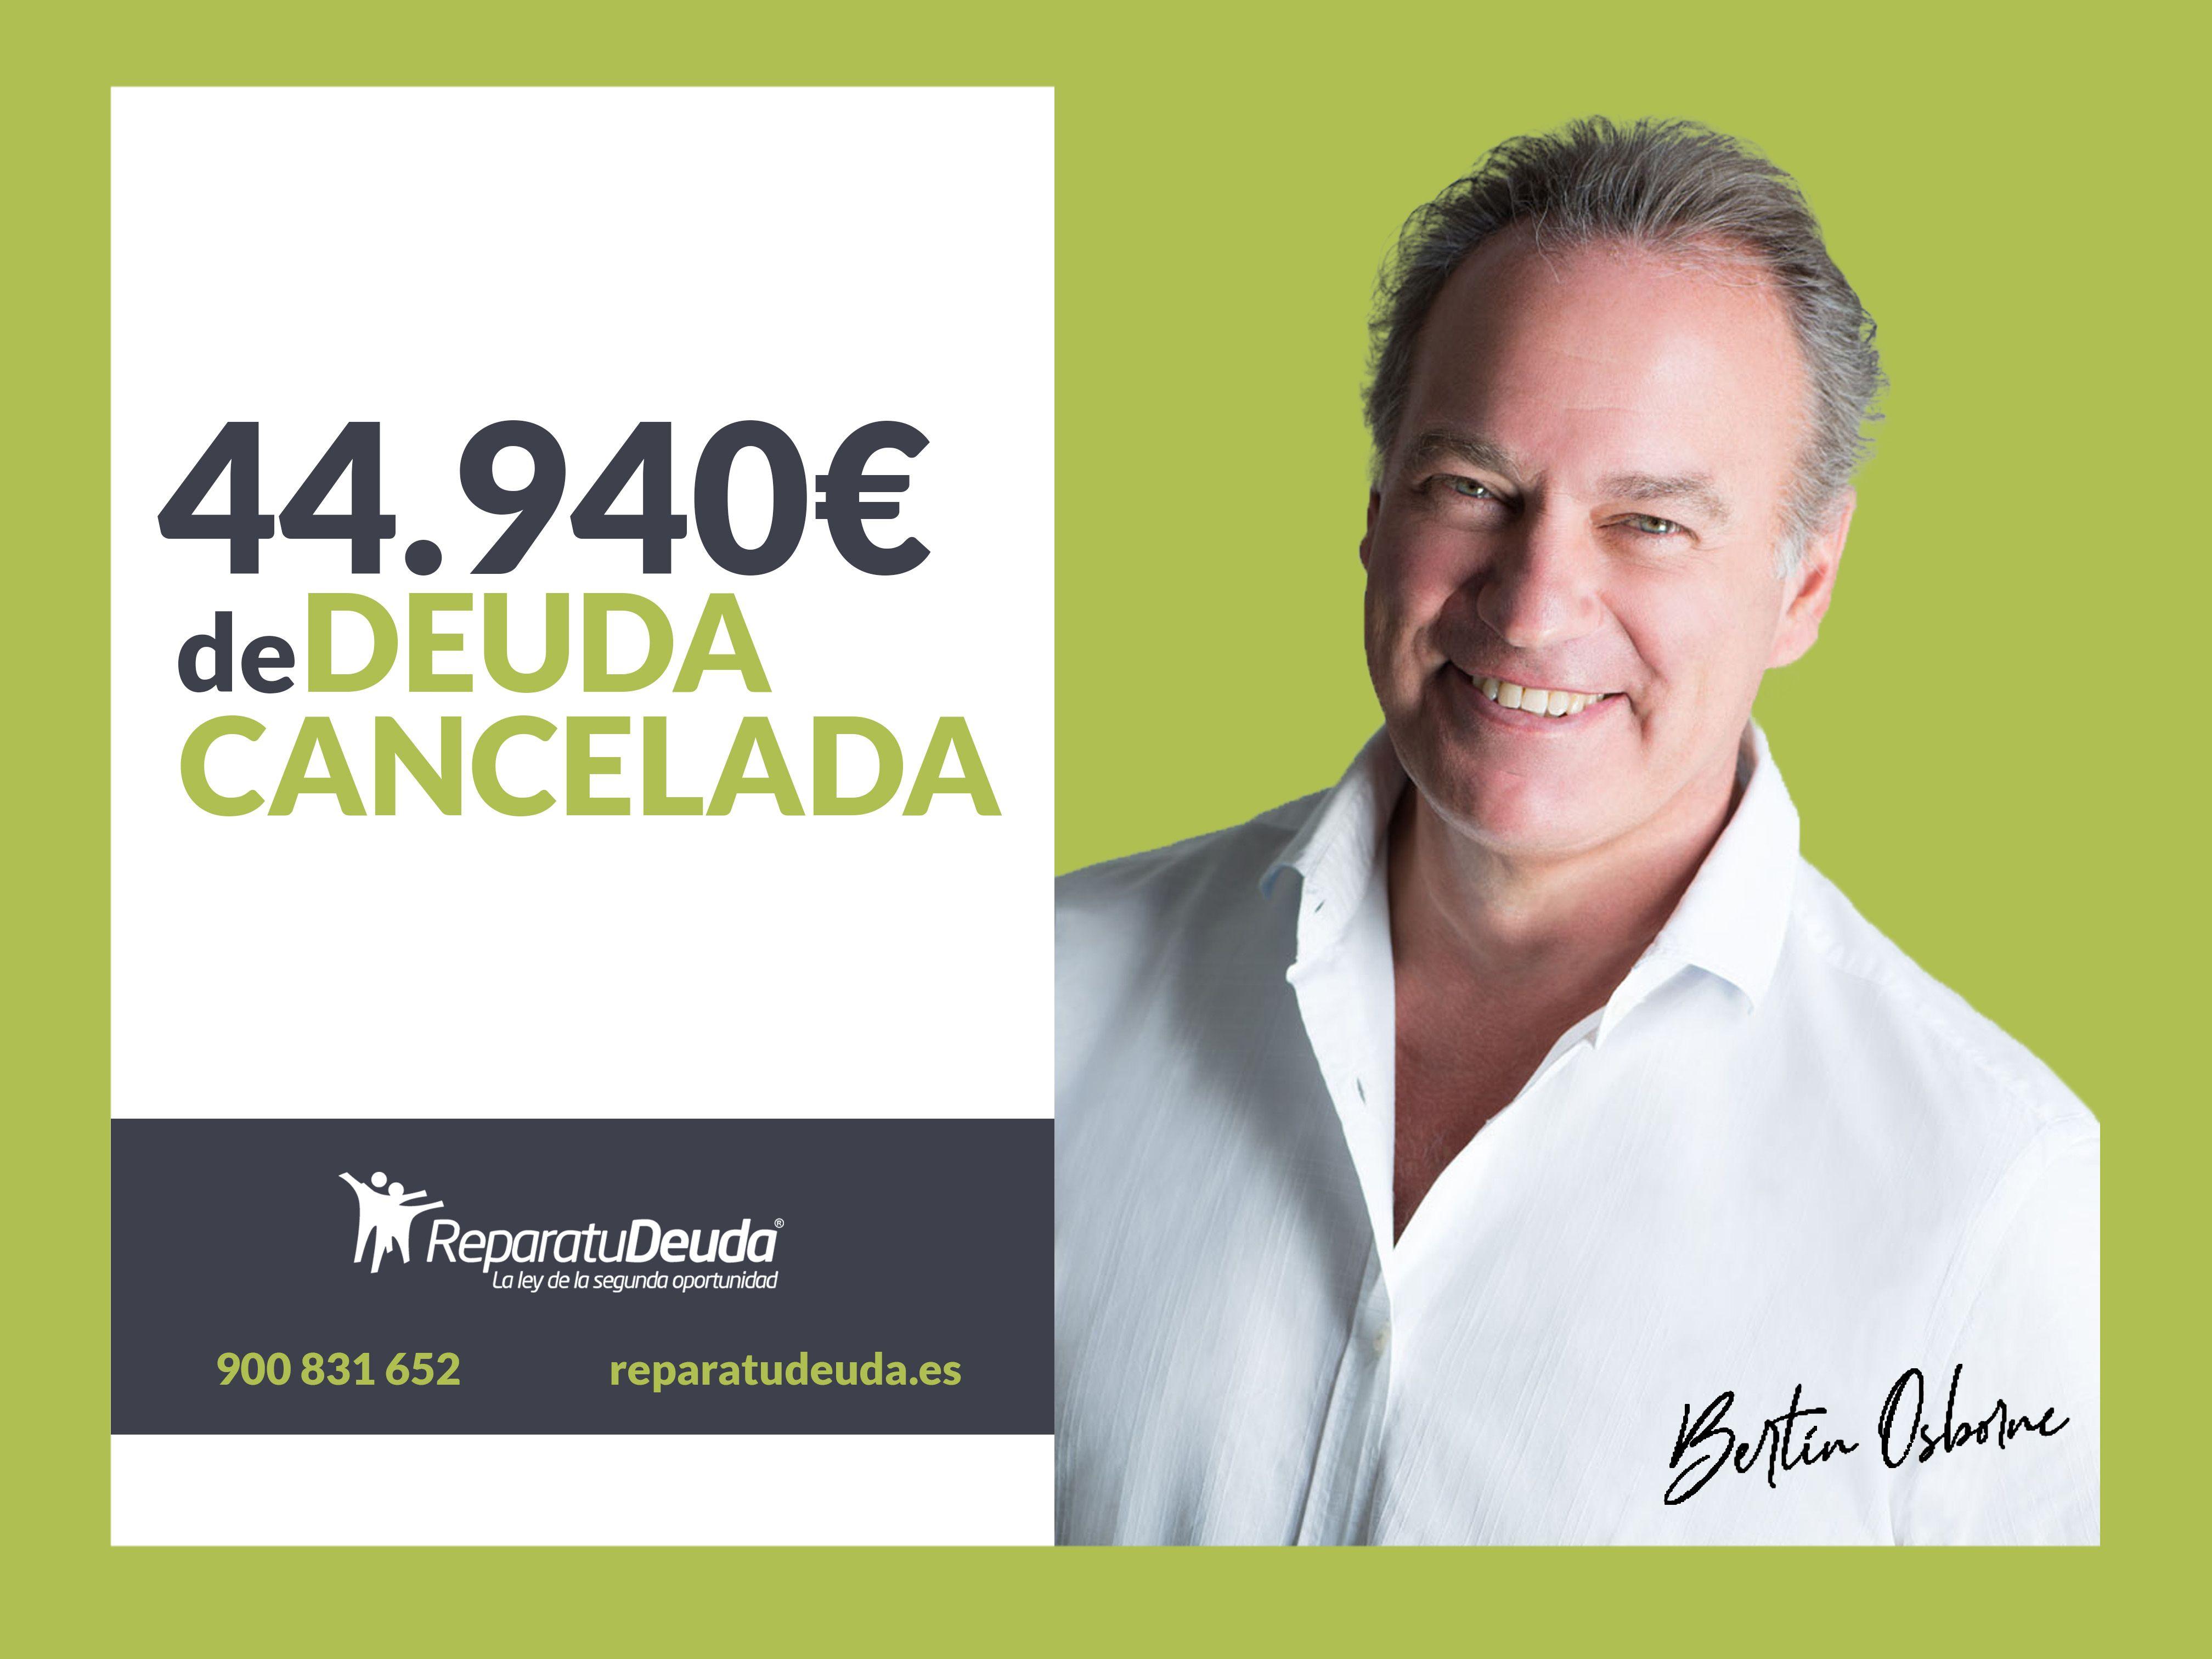 Repara tu Deuda cancela 44.940 ? a una vecina de Tenerife (Canarias) con la Ley de la Segunda Oportunidad